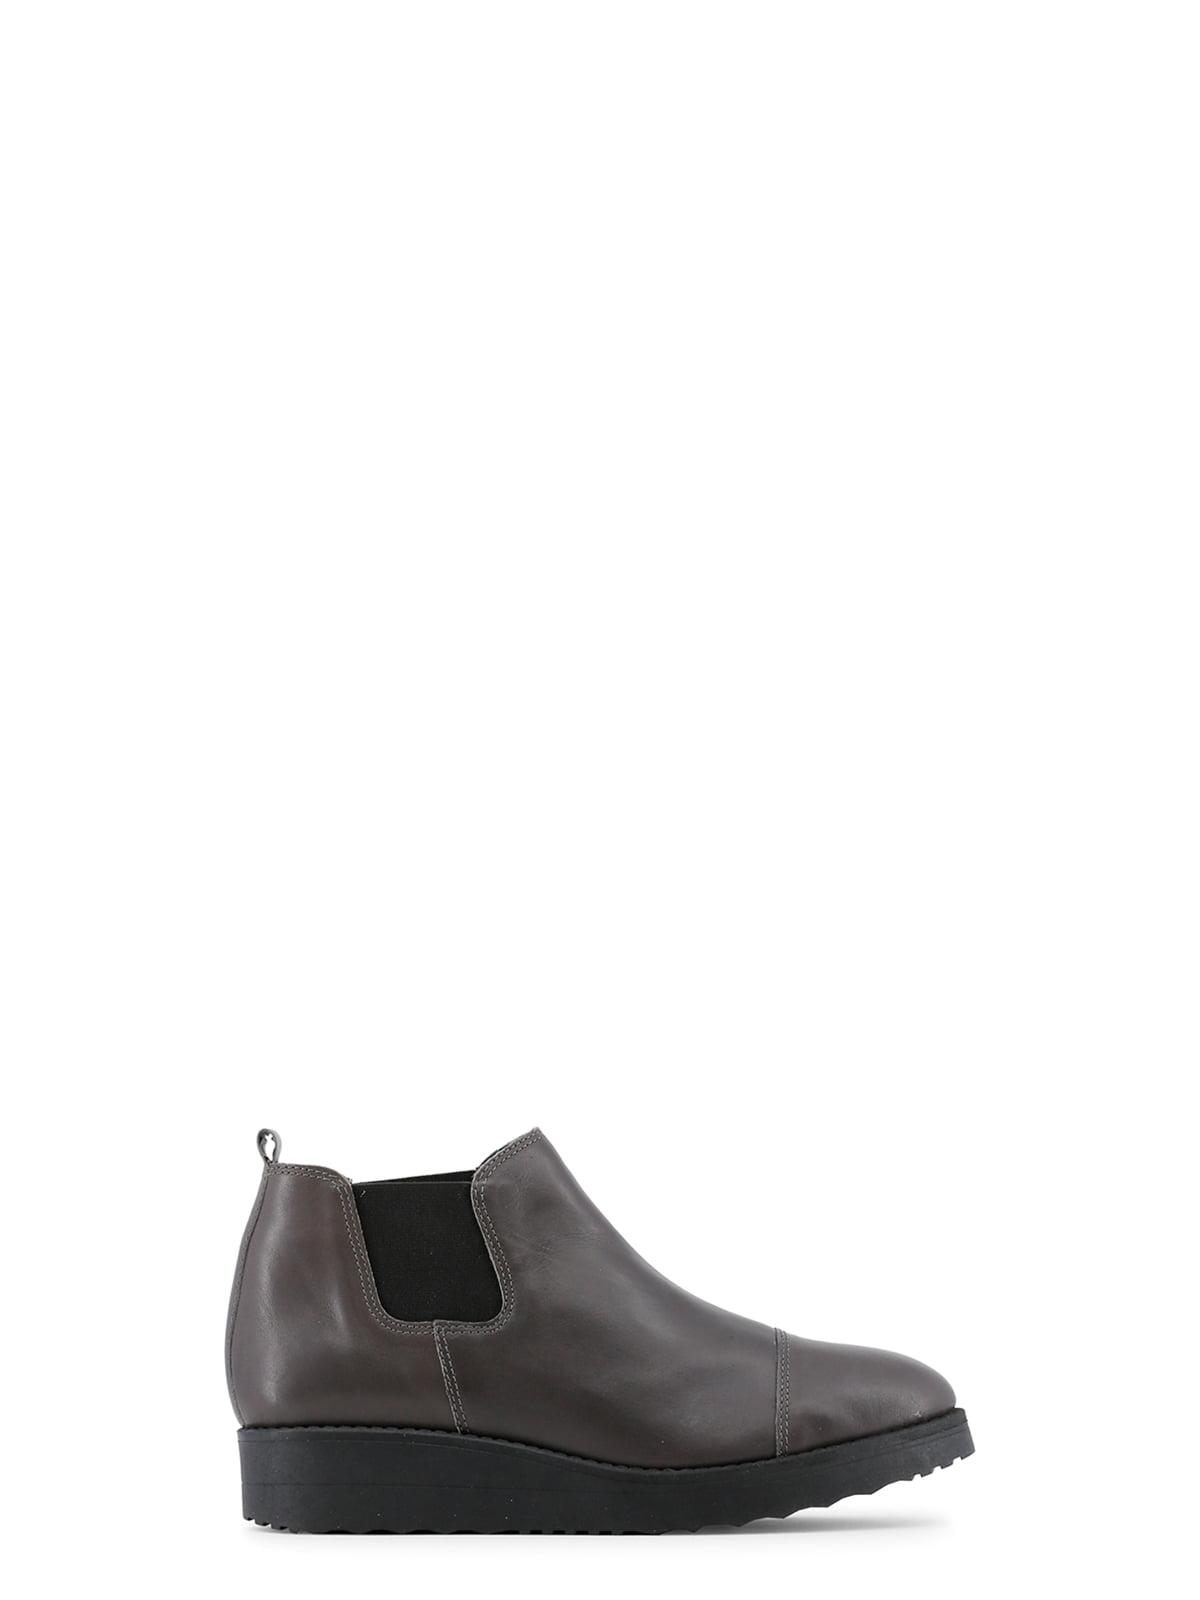 Ботинки темно-серые   4085103